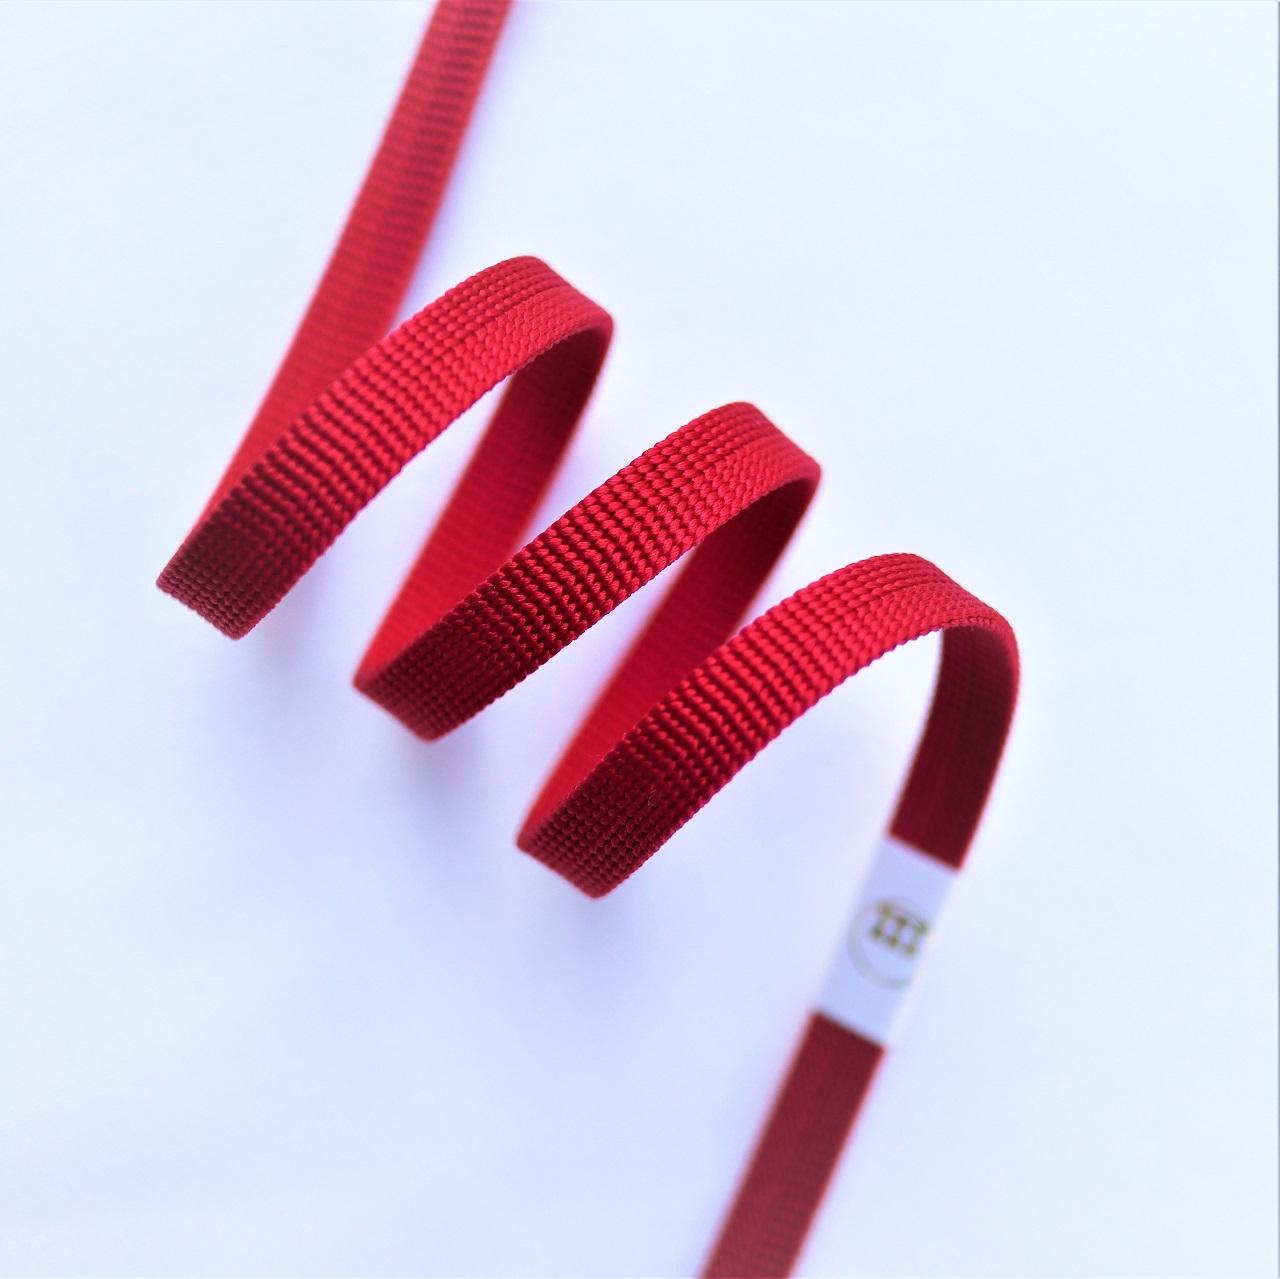 【帯締め】渡敬 正絹三分紐 遠州無地 濃紅色